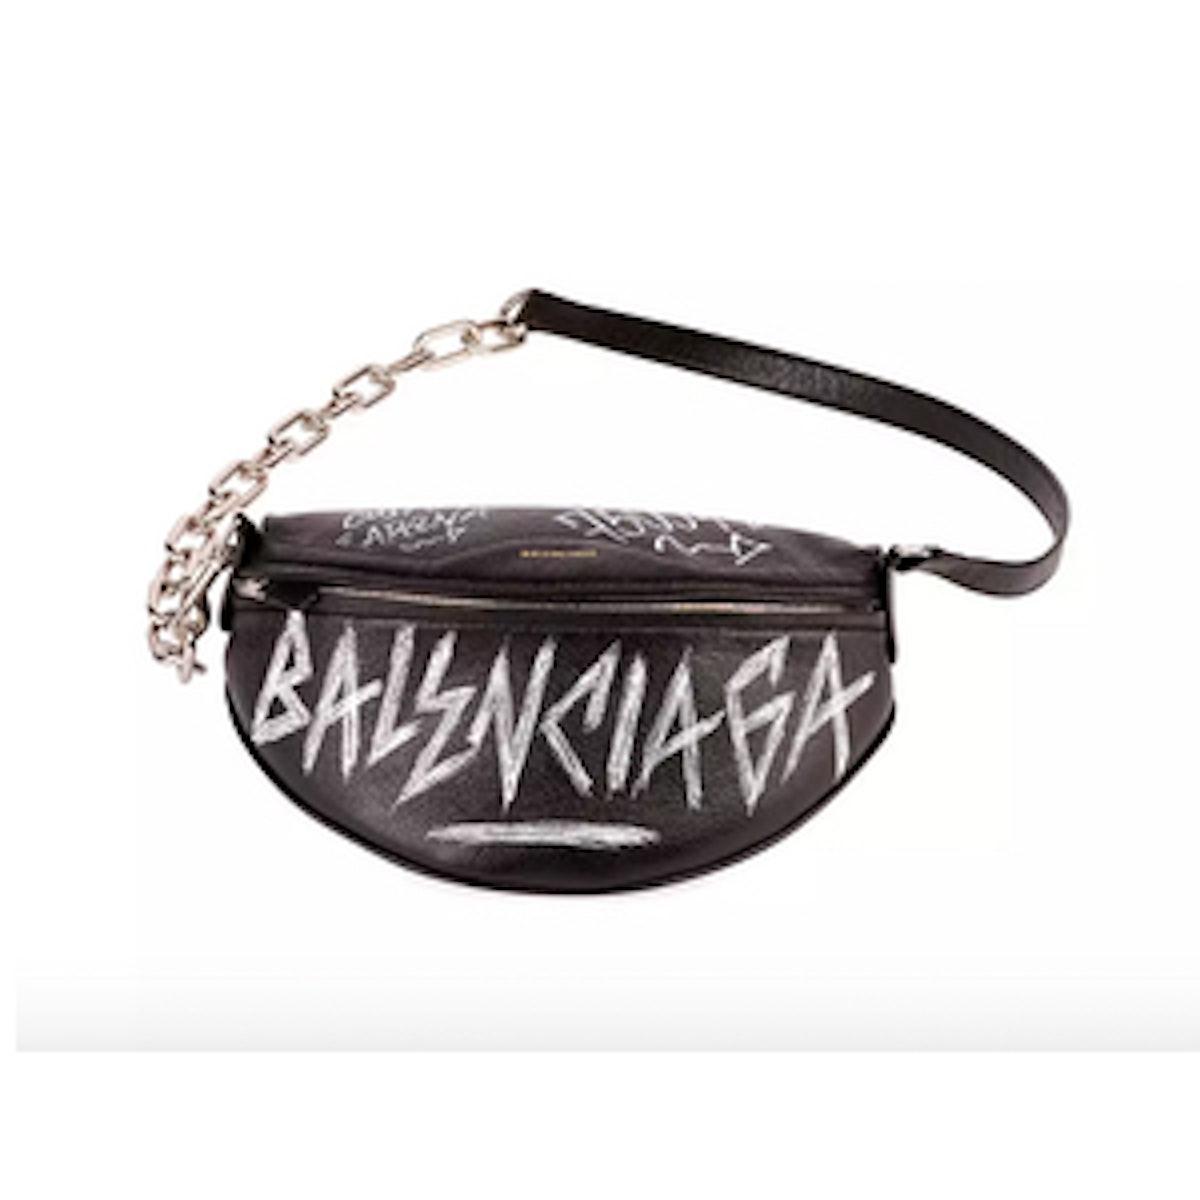 Graffiti-Print Fanny Belt Bag